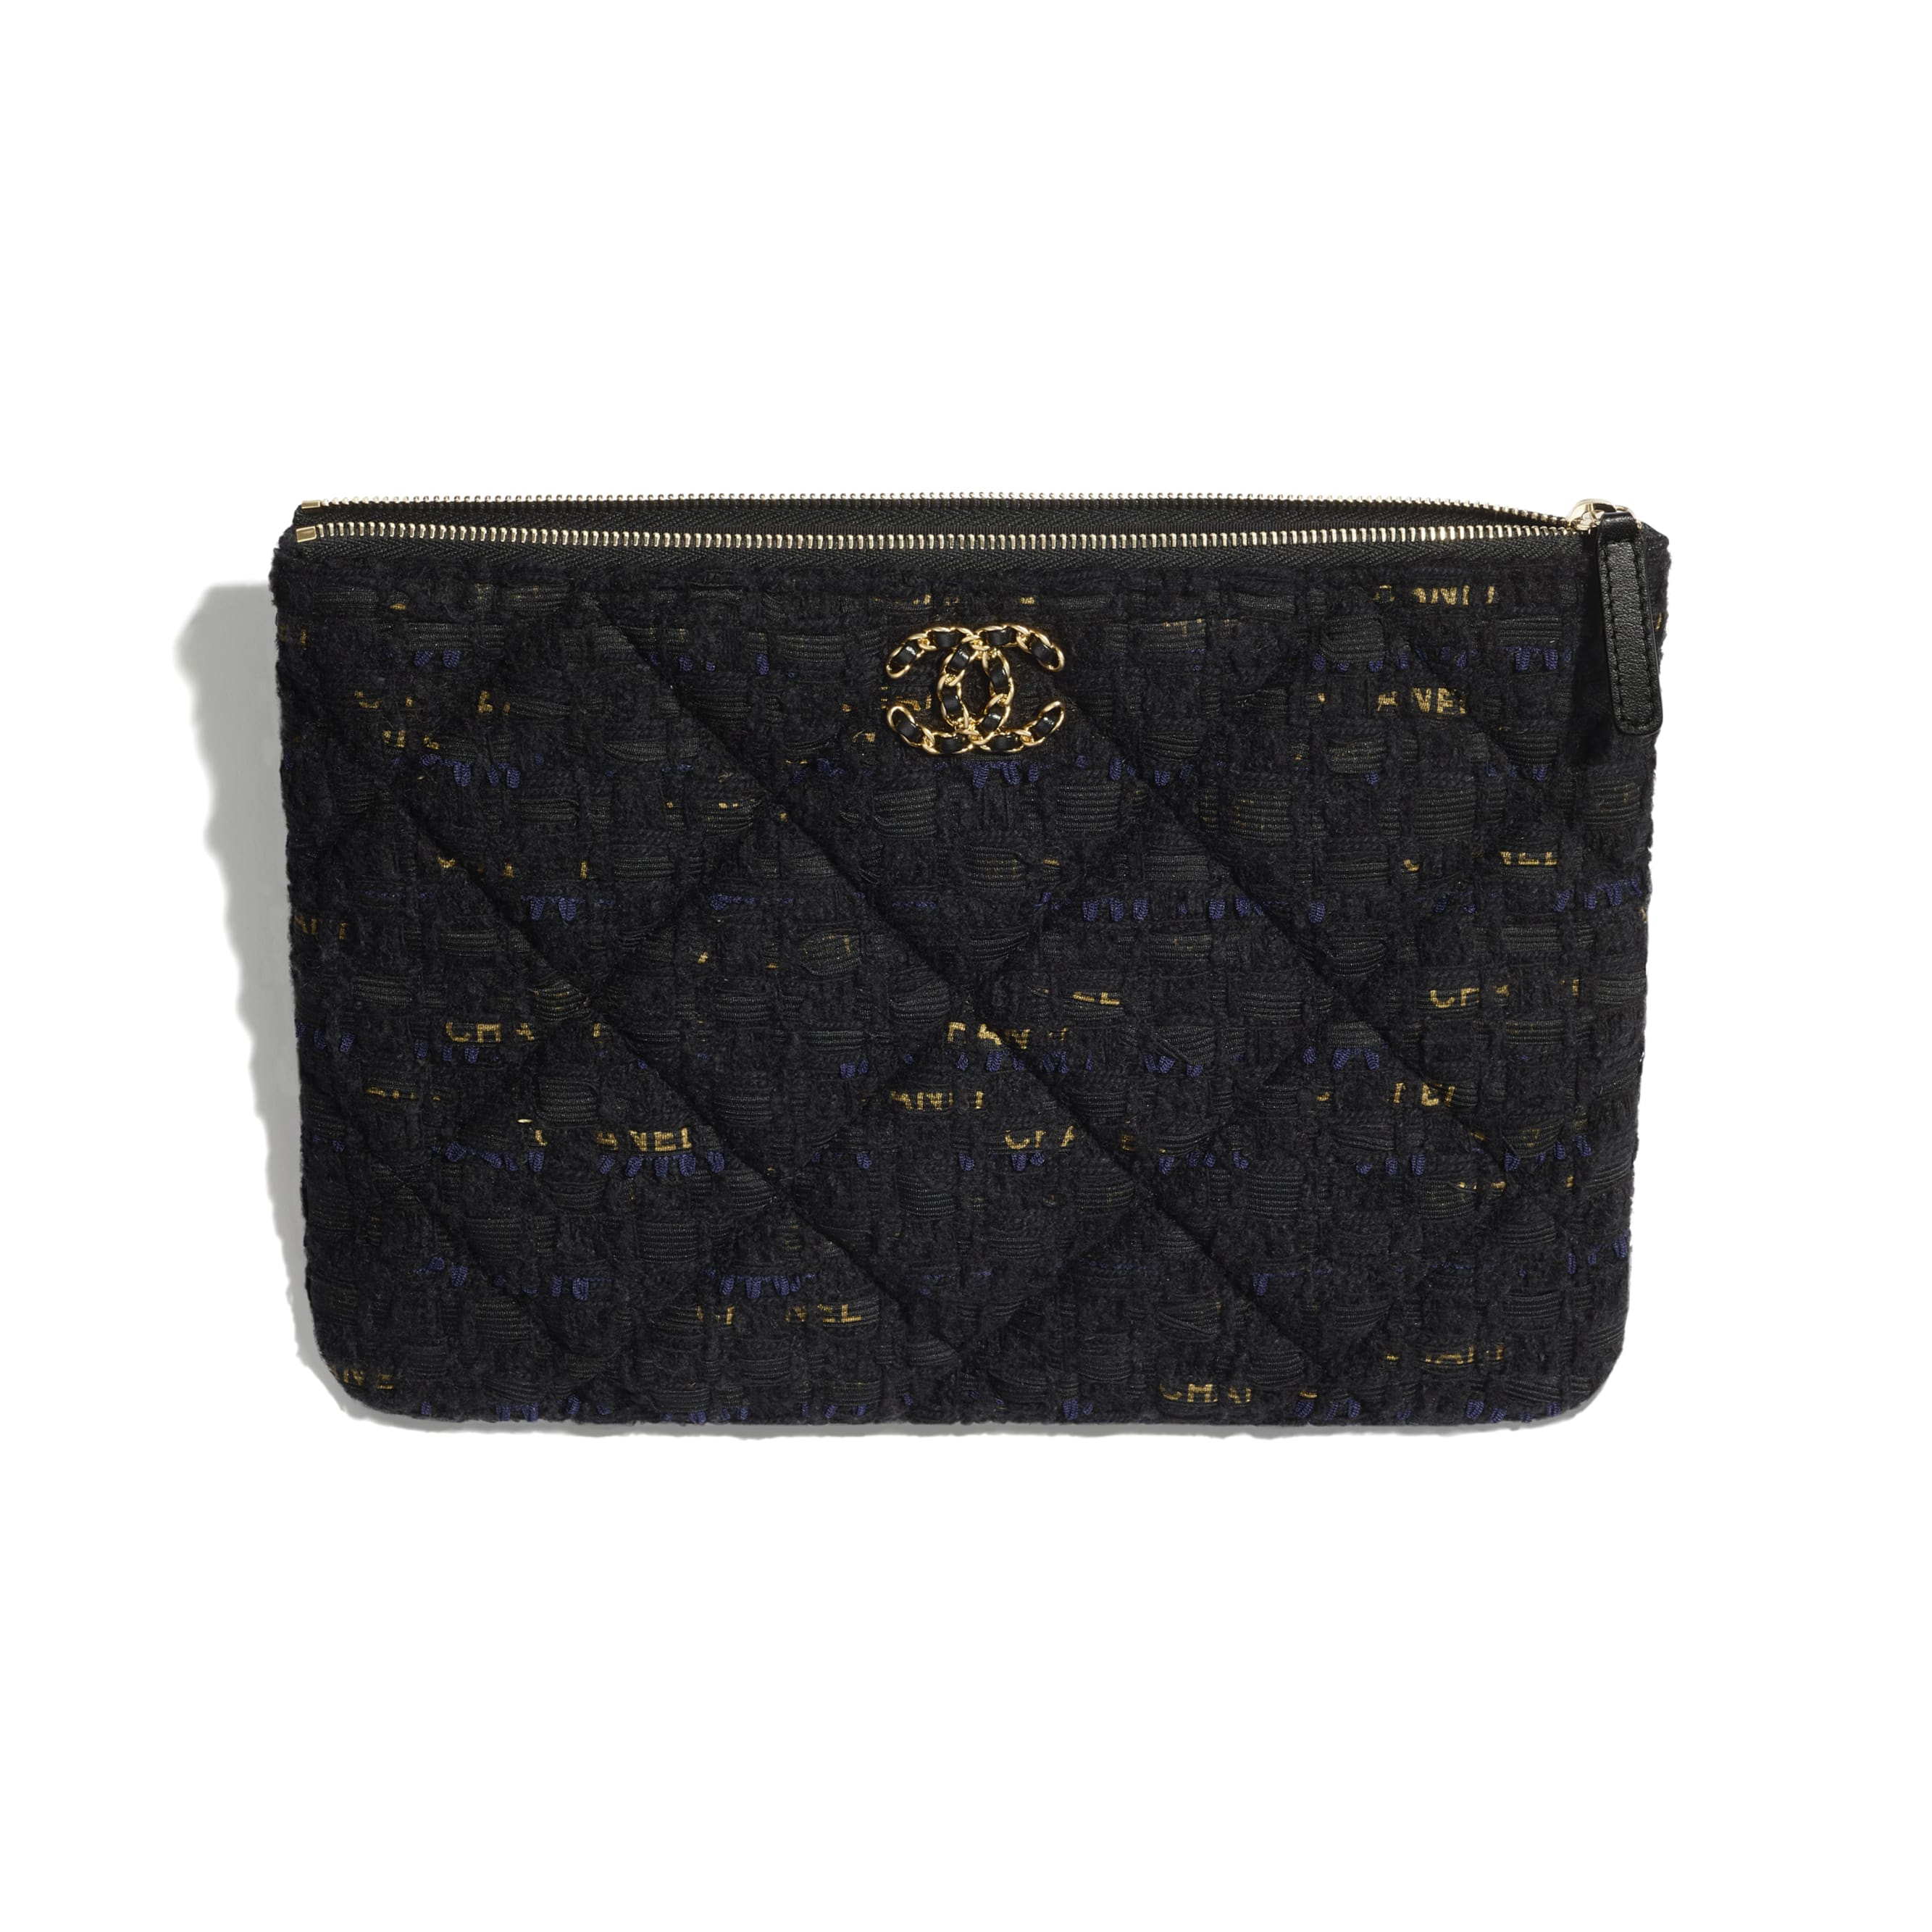 กระเป๋าเพาช์ CHANEL 19 - สีดำ สีน้ำเงินเนวี่บลู และสีทอง - ผ้าทวีตและโลหะสีทอง - CHANEL - มุมมองอื่น - ดูเวอร์ชันขนาดมาตรฐาน